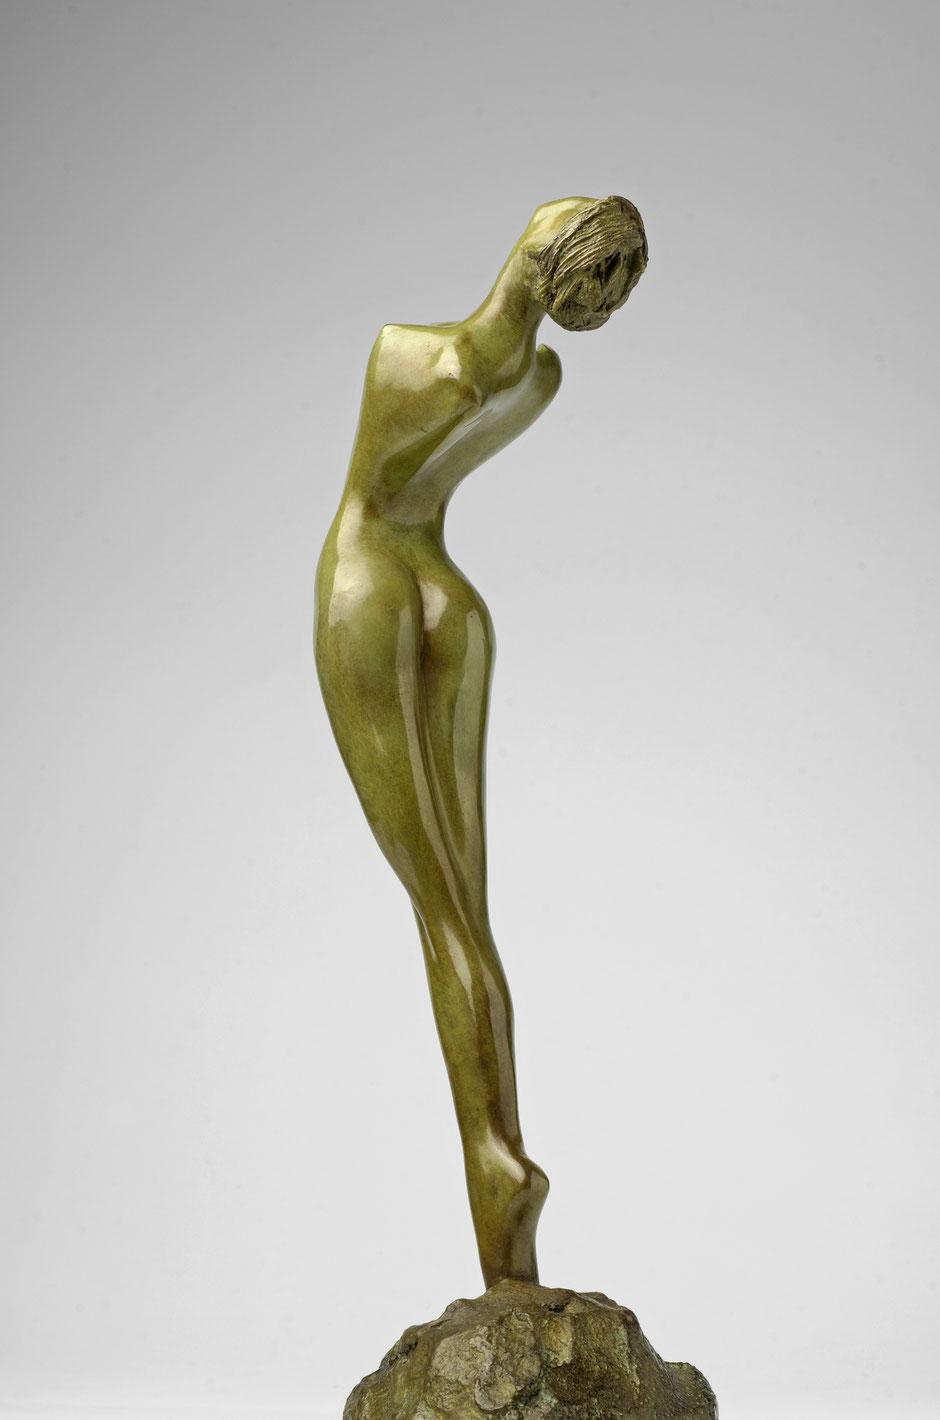 Femme au turban, bronze, Francine Bécard, sculpteur